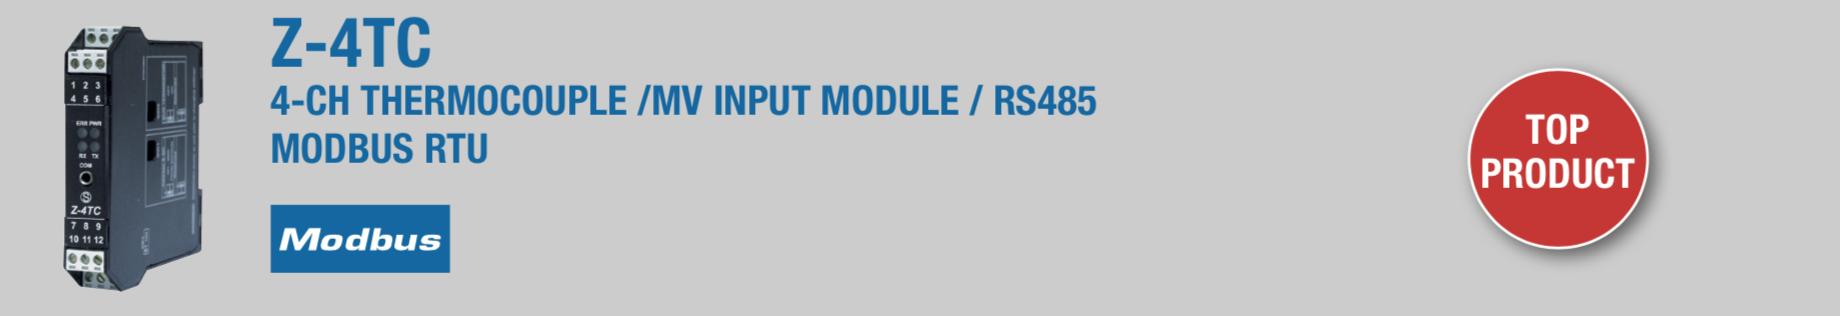 bộ chuyển đổi nhiệt độ 4 kênh ra modbus RTD RS 485 Z-4TC